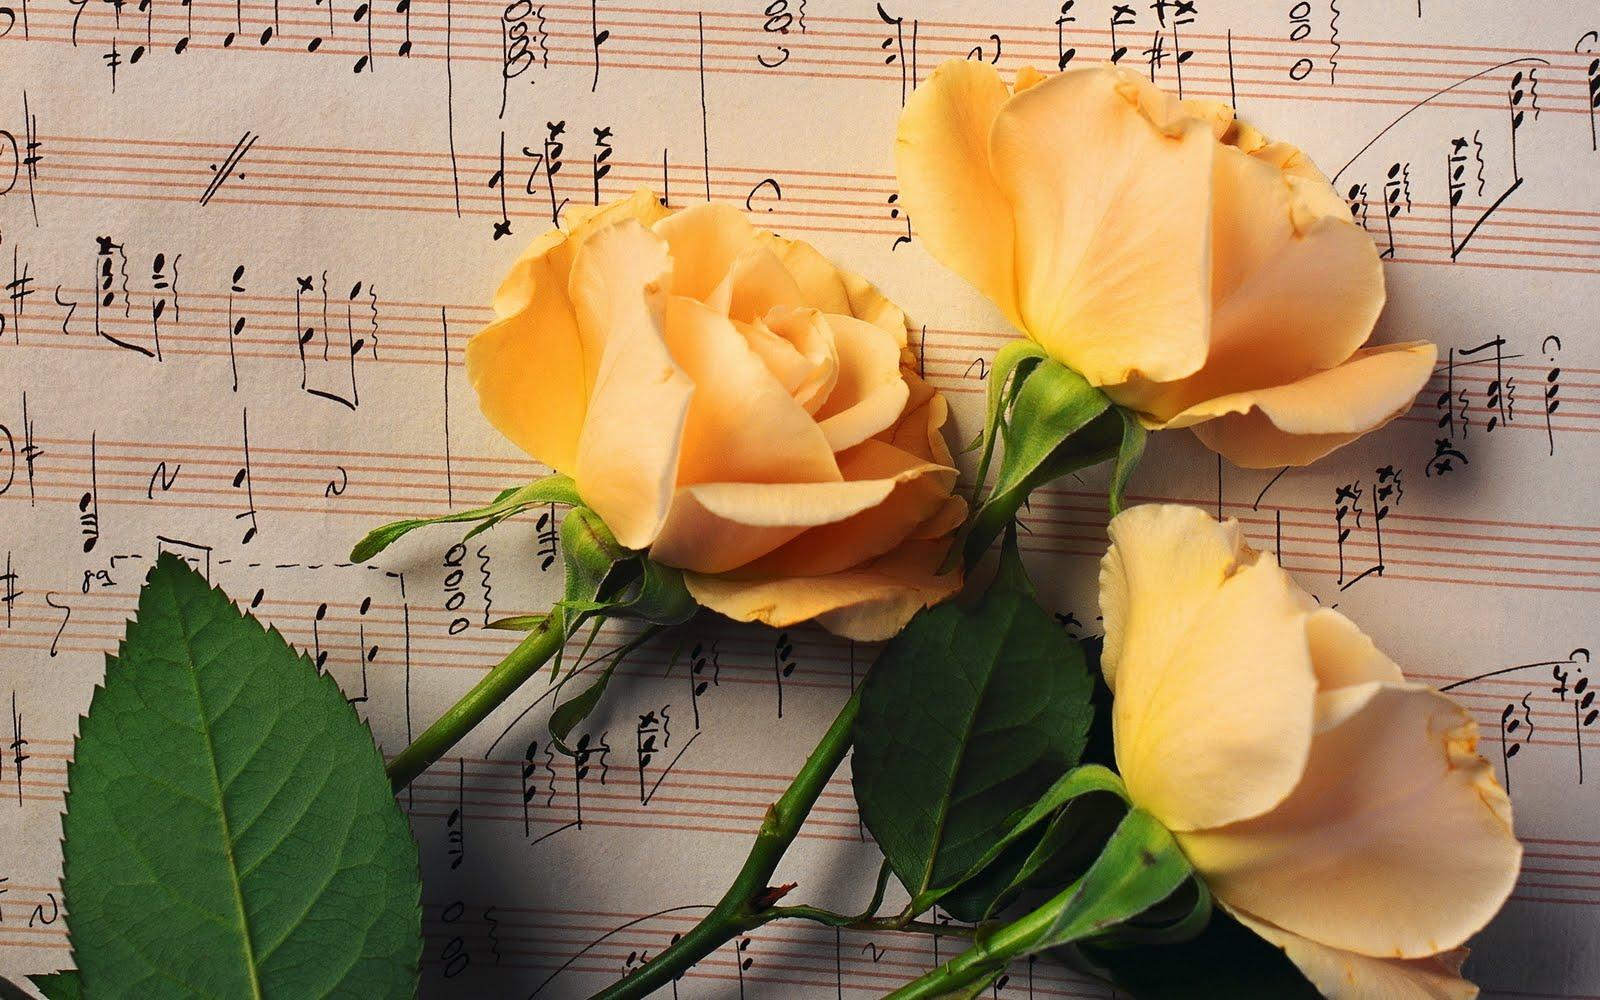 Fotos de Orquideas Rosas y Tulipanes Altisima definicion